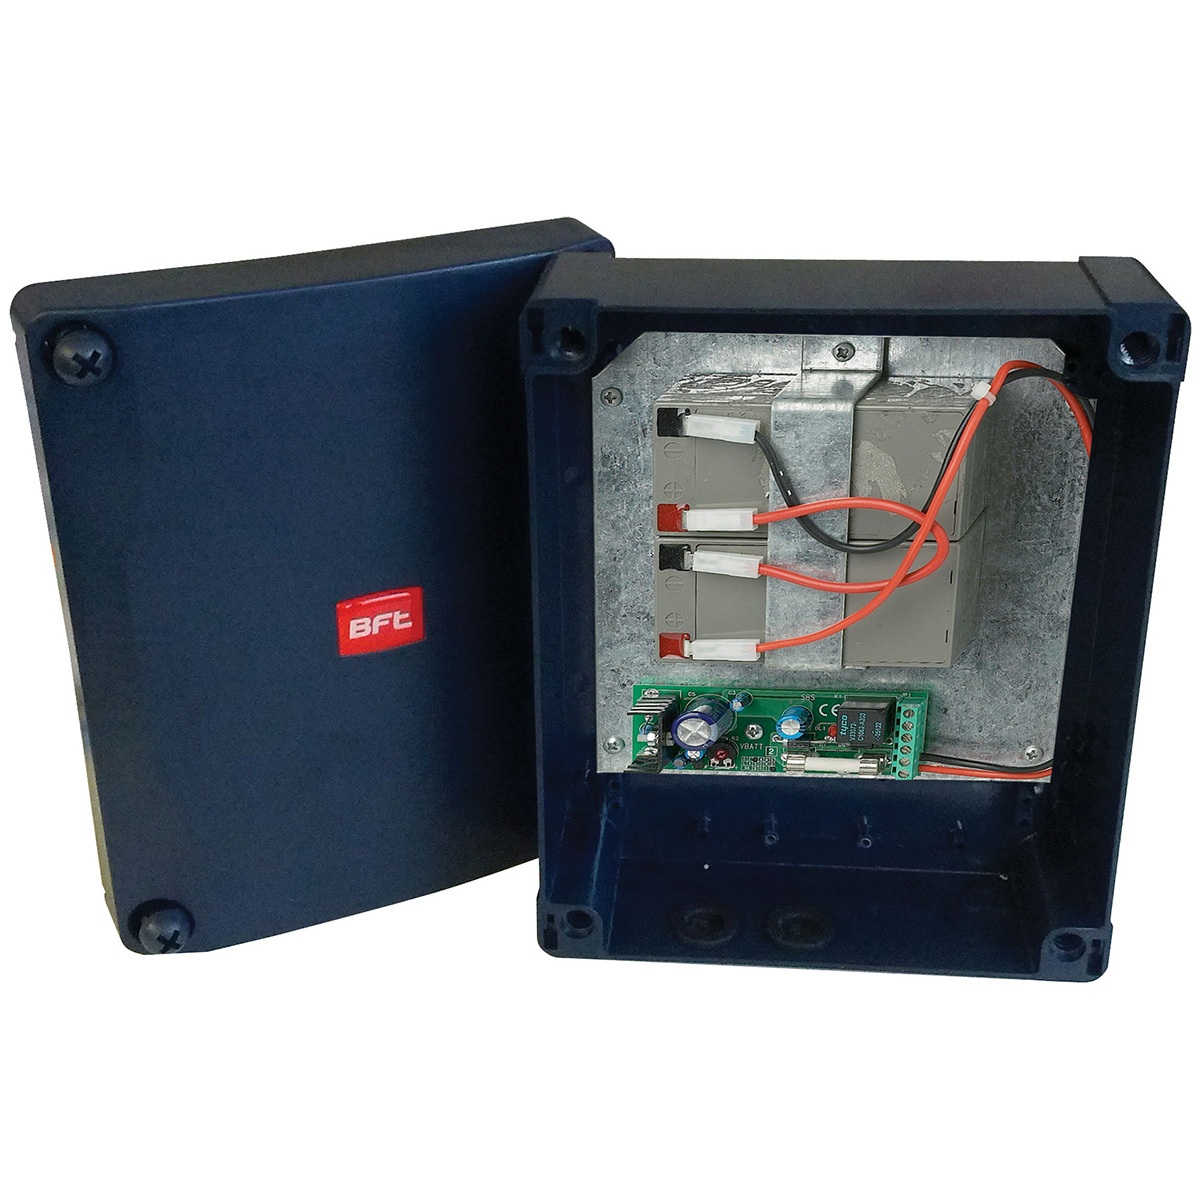 BFT Pufferbatterie BBT